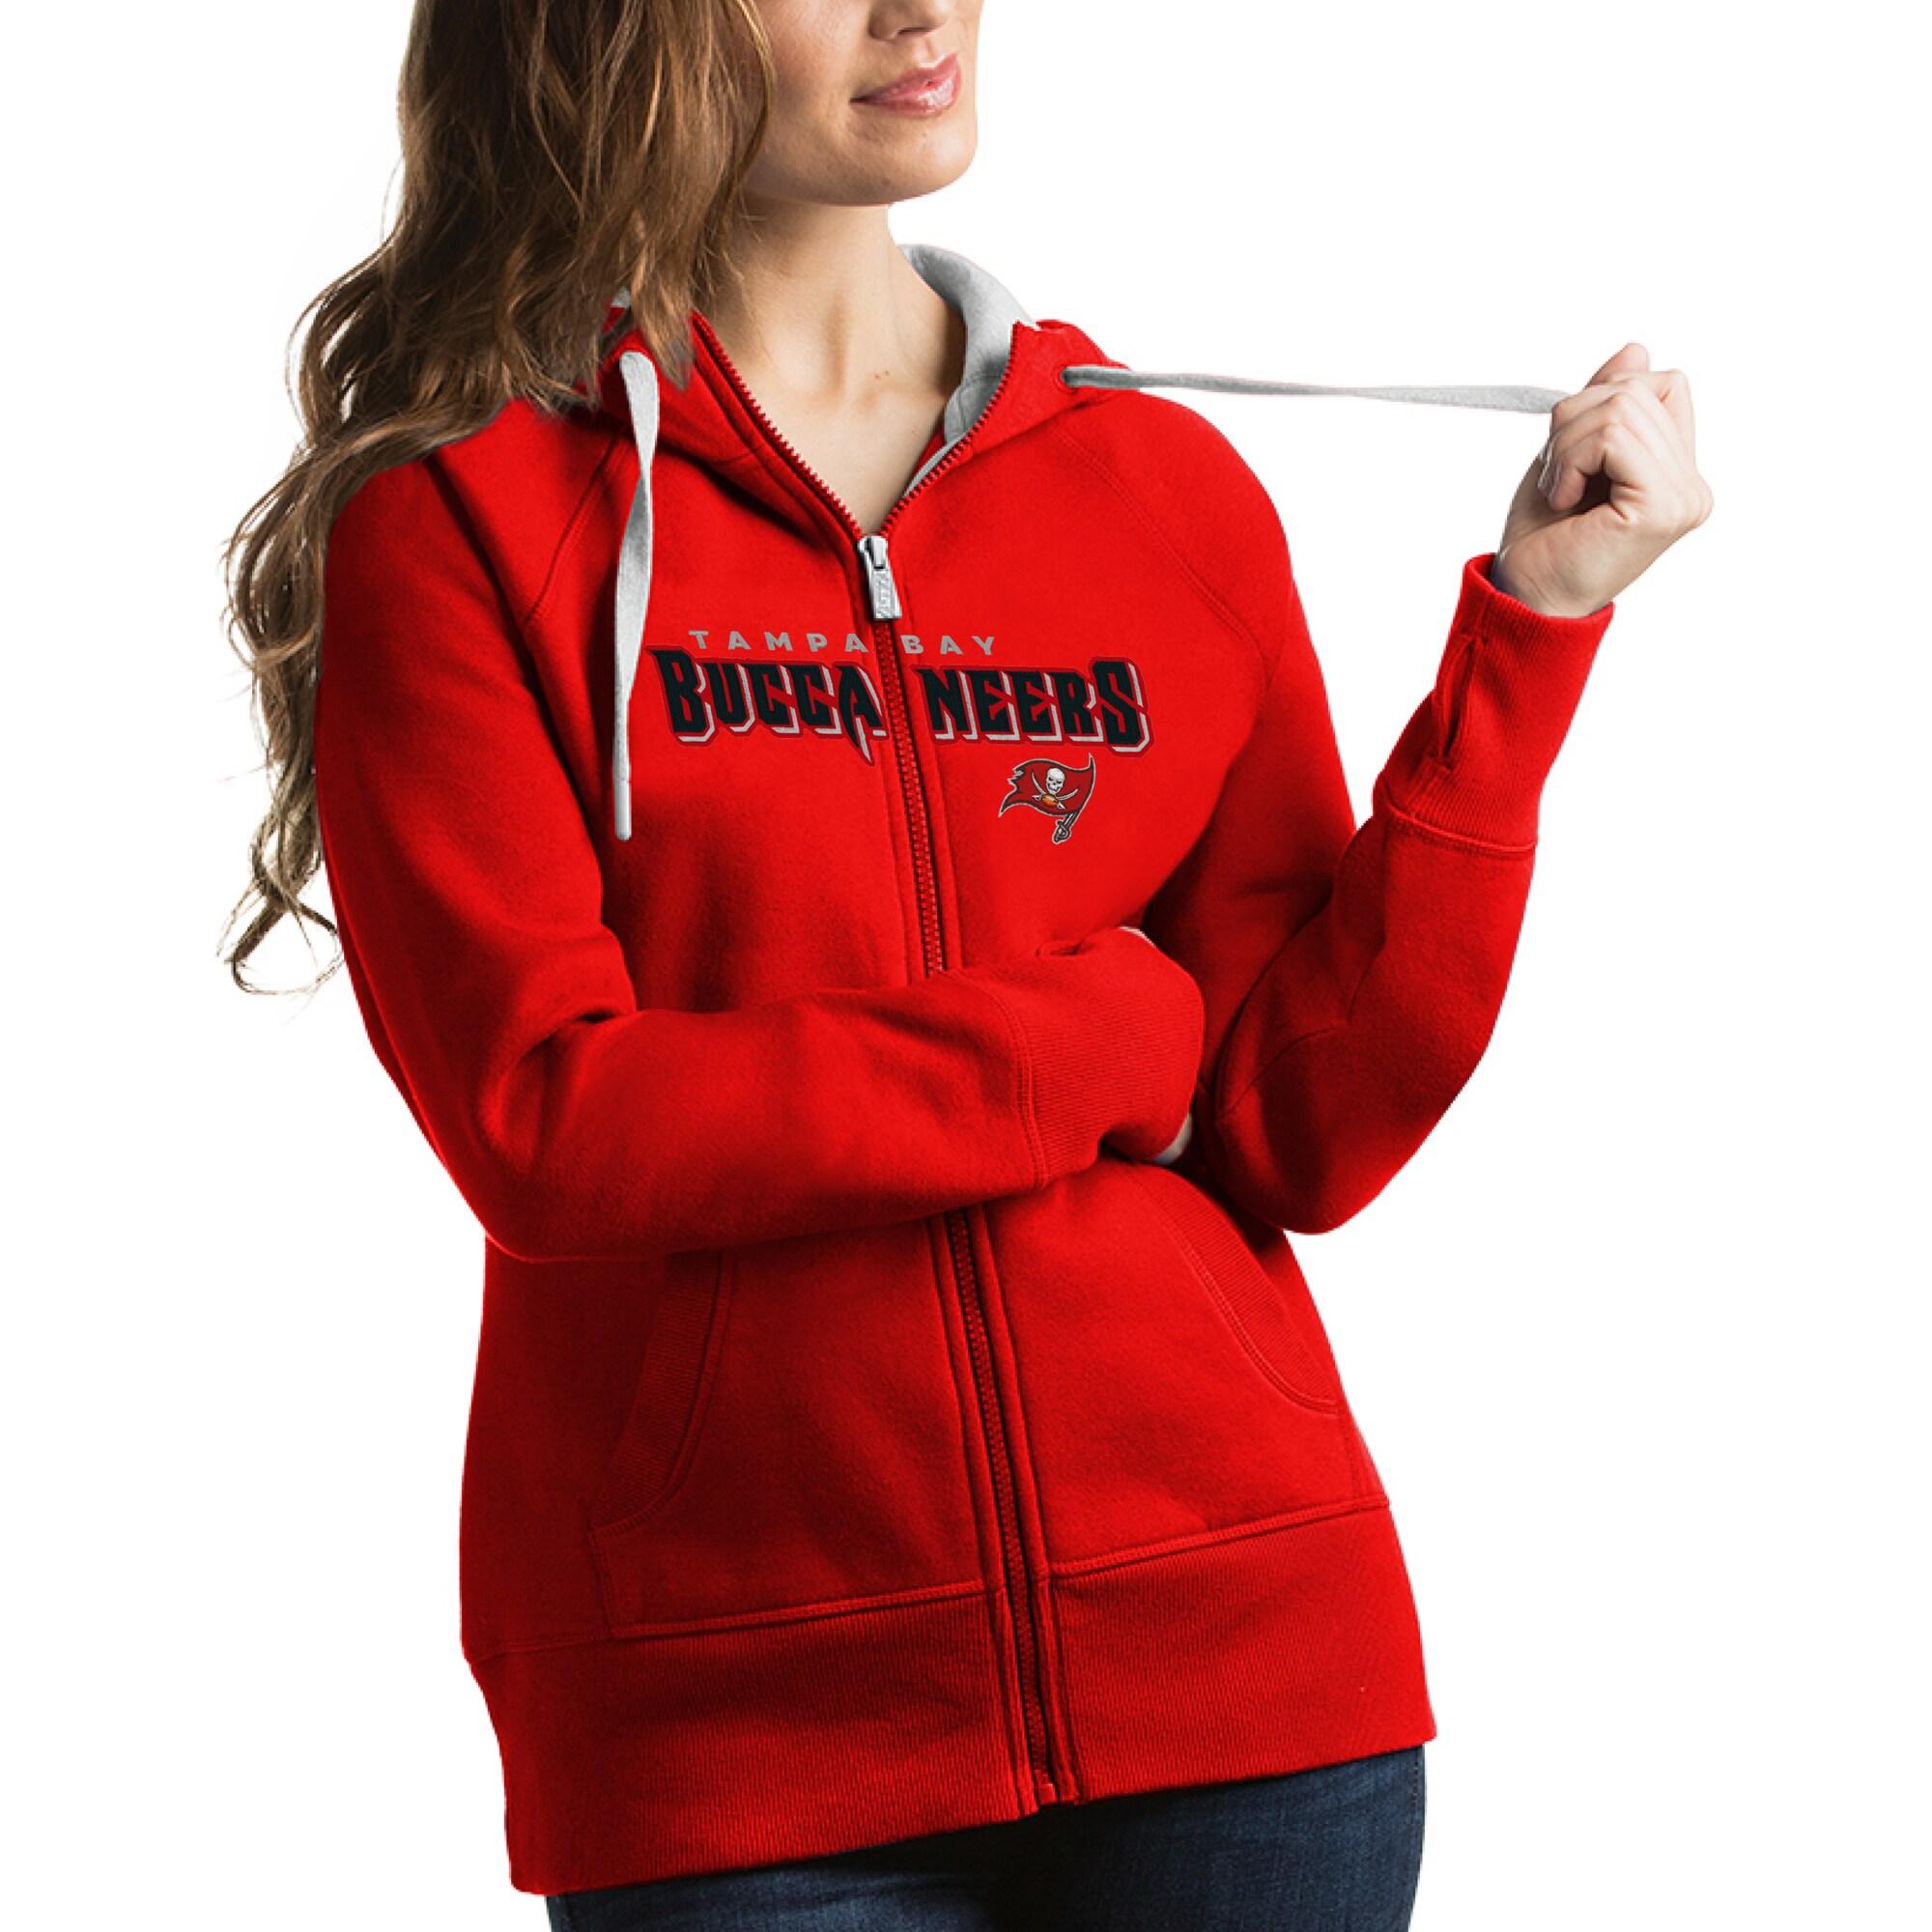 Tampa Bay Buccaneers Antigua Women's Victory Full-Zip Hoodie - Red